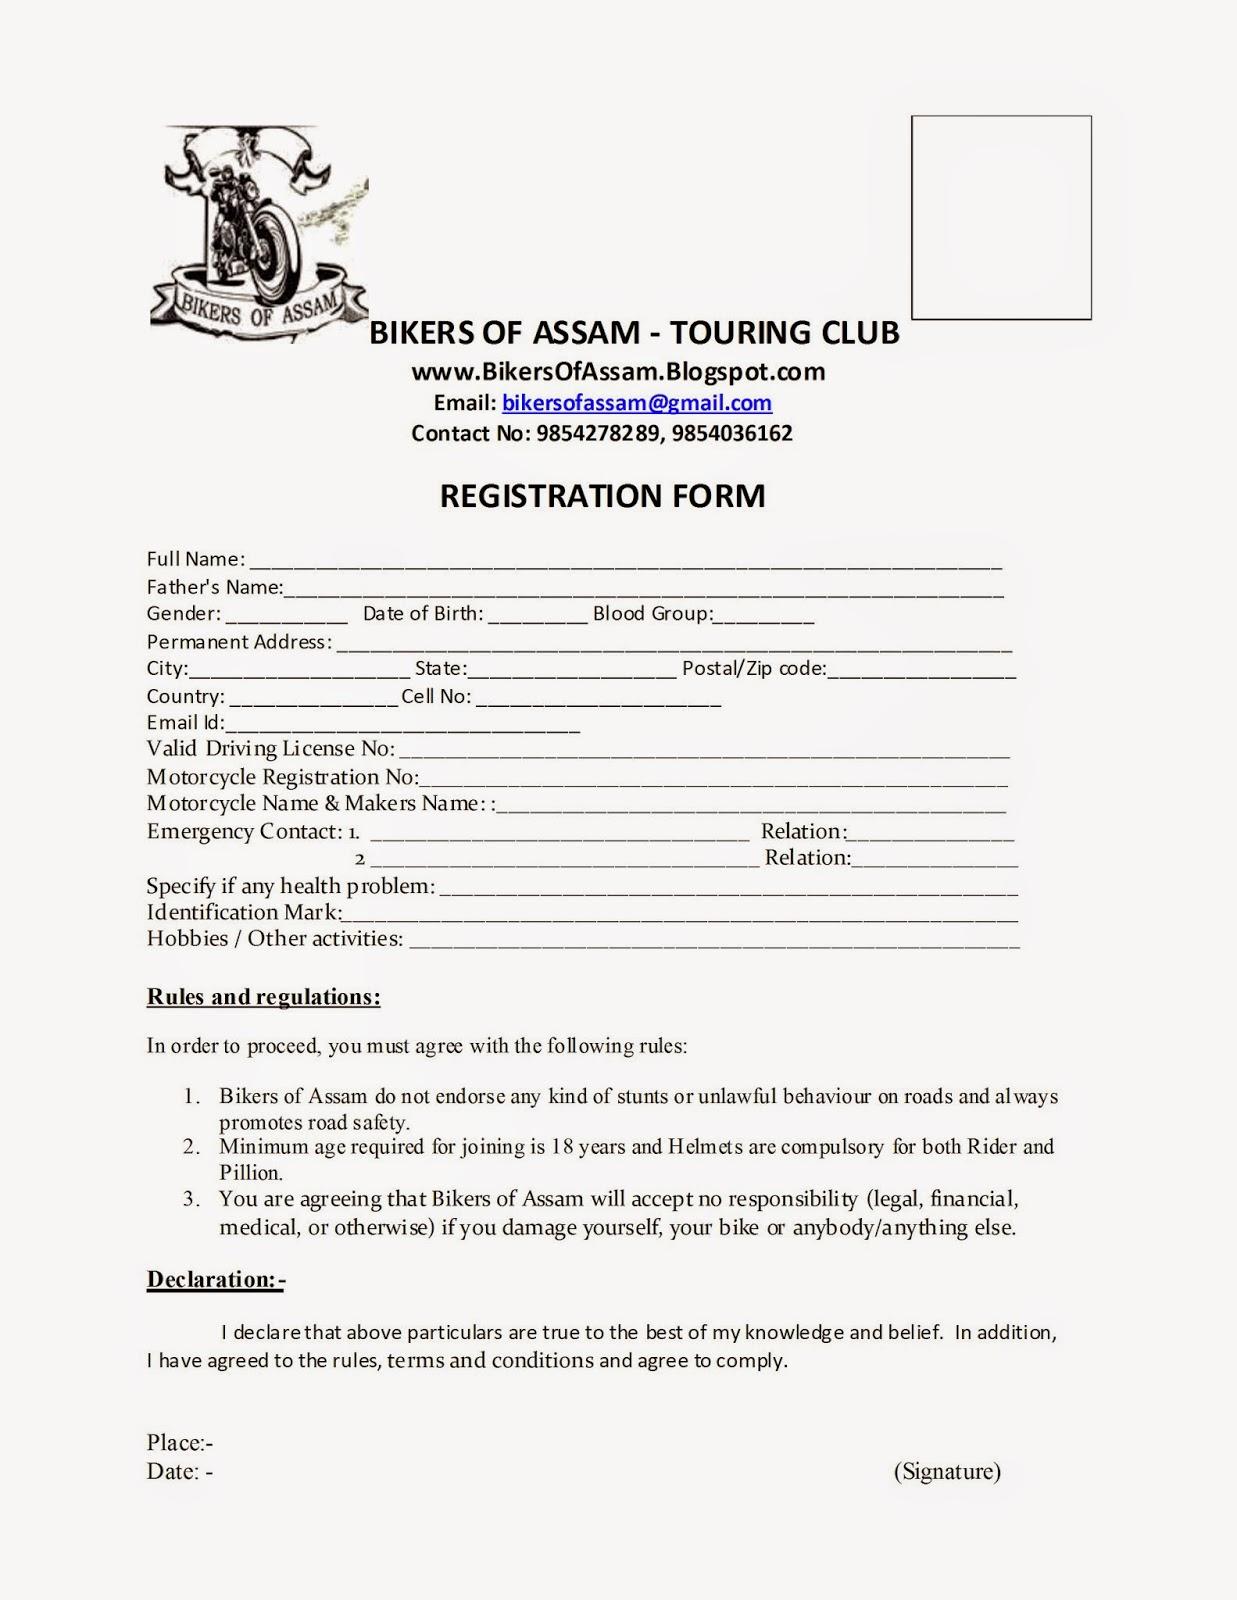 Doc10201320 Club Membership Form Template Word Club – Club Membership Form Template Word